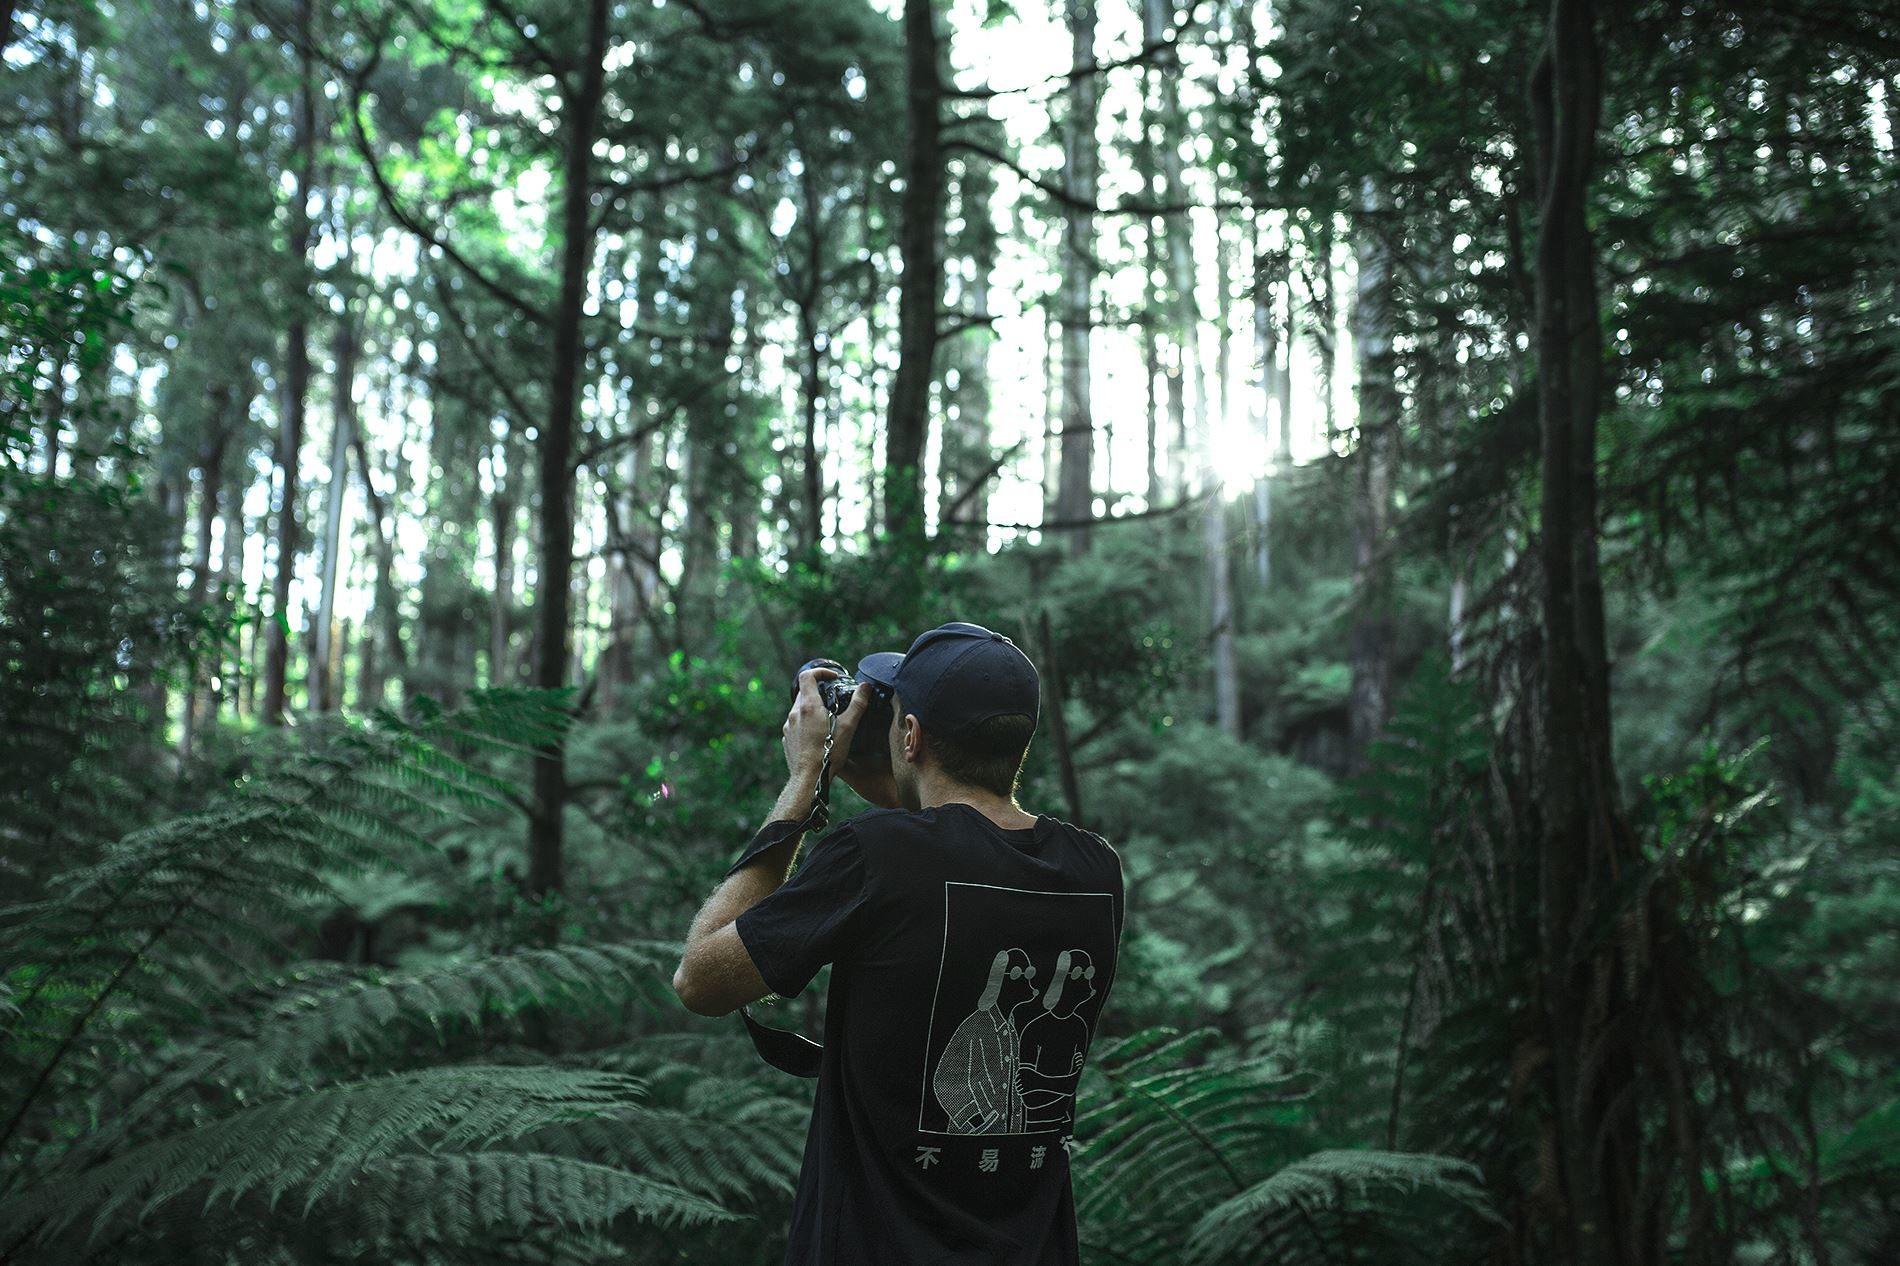 красивые картинки мужчина лес упрощенно